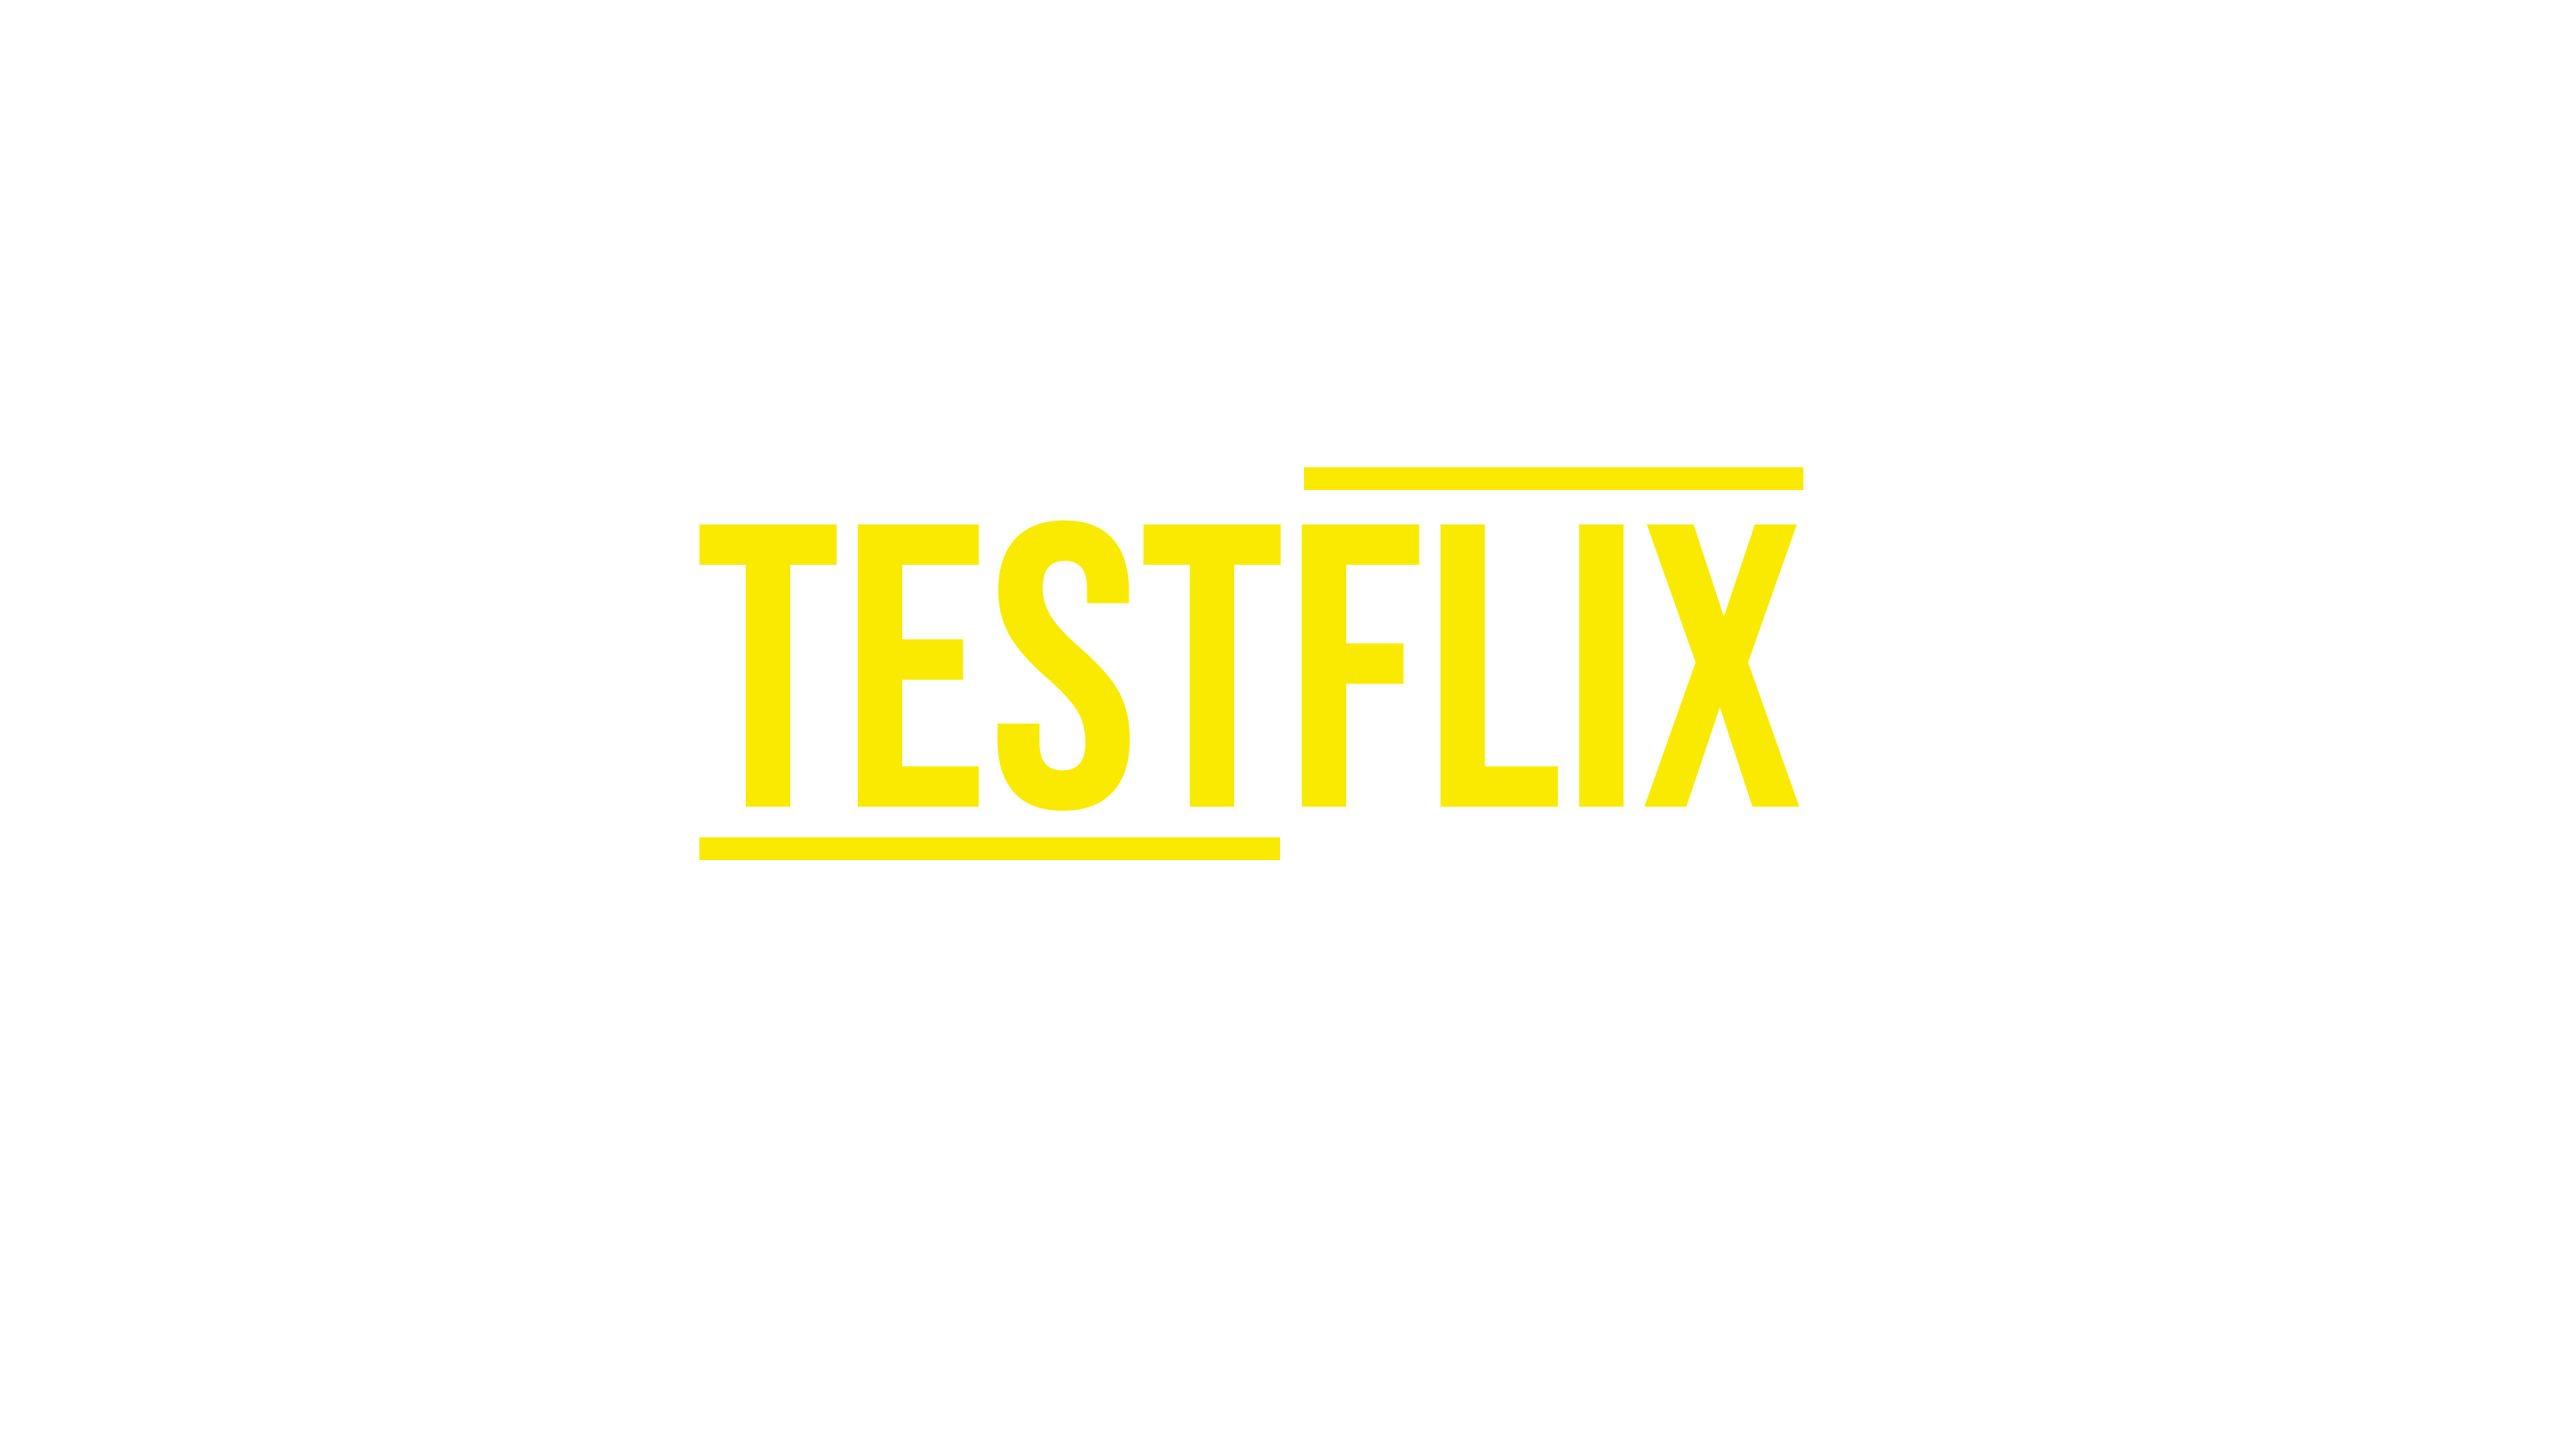 Testflix